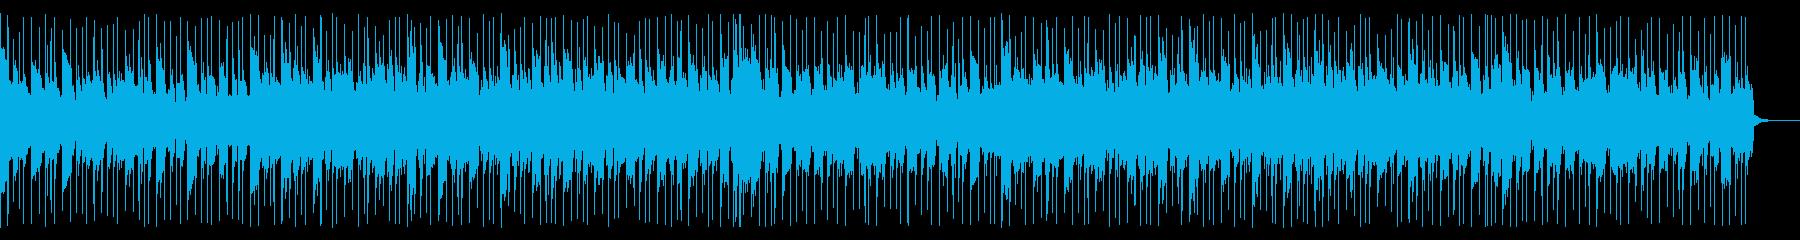 哀愁のあるBGMの再生済みの波形